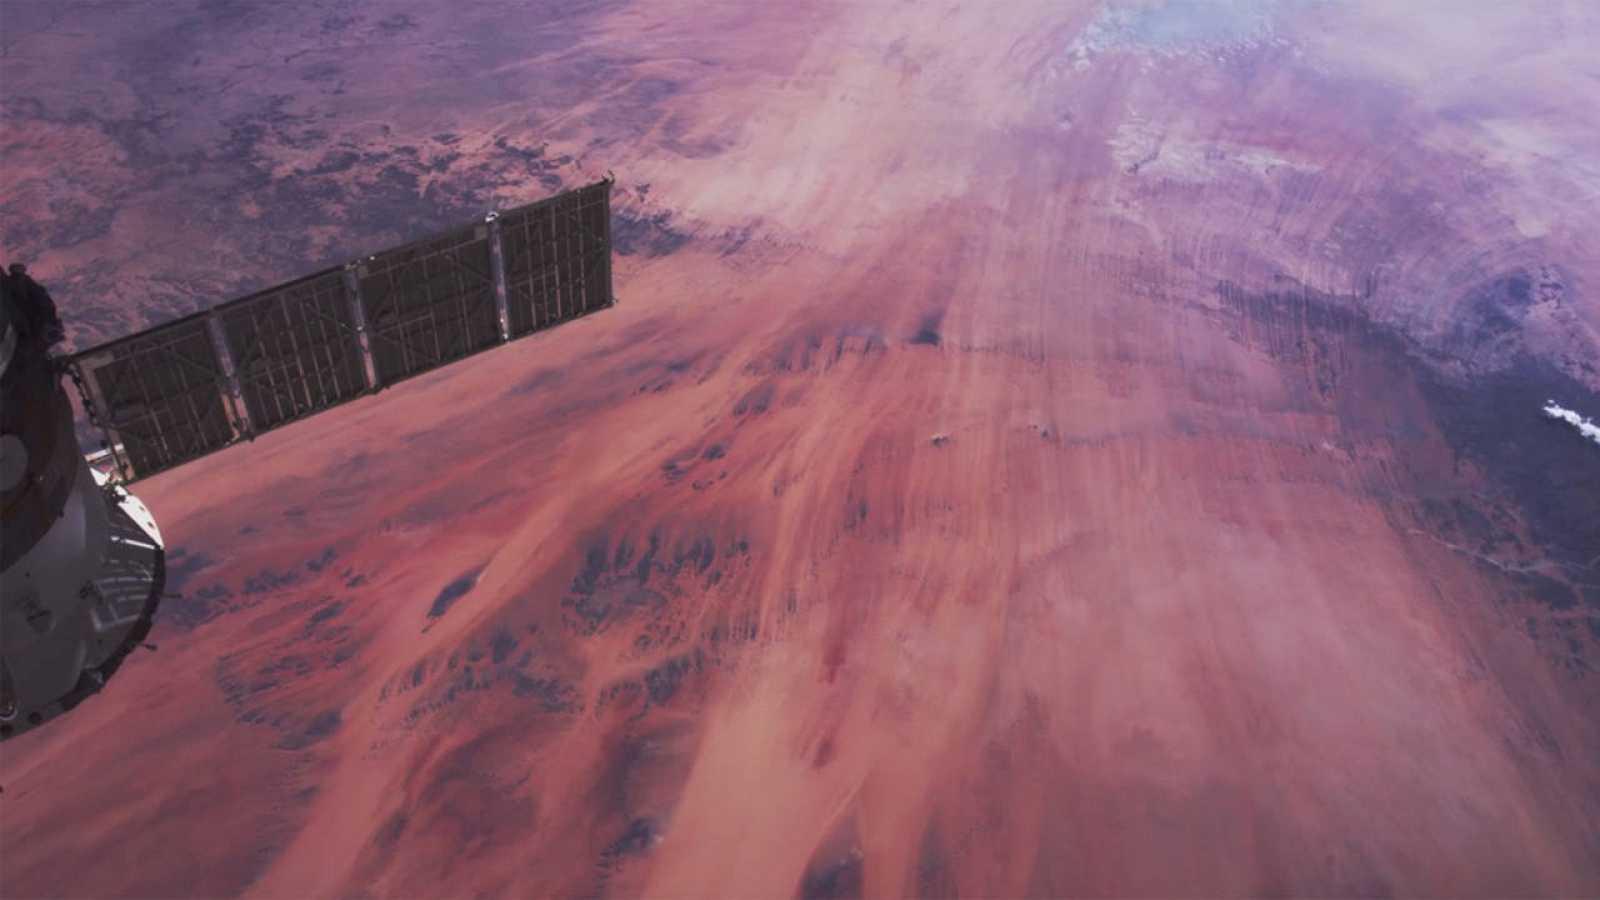 La agencia espacial estadounidense ha difundido espectaculares imágenes de la Tierra tomadas desde la EEI.